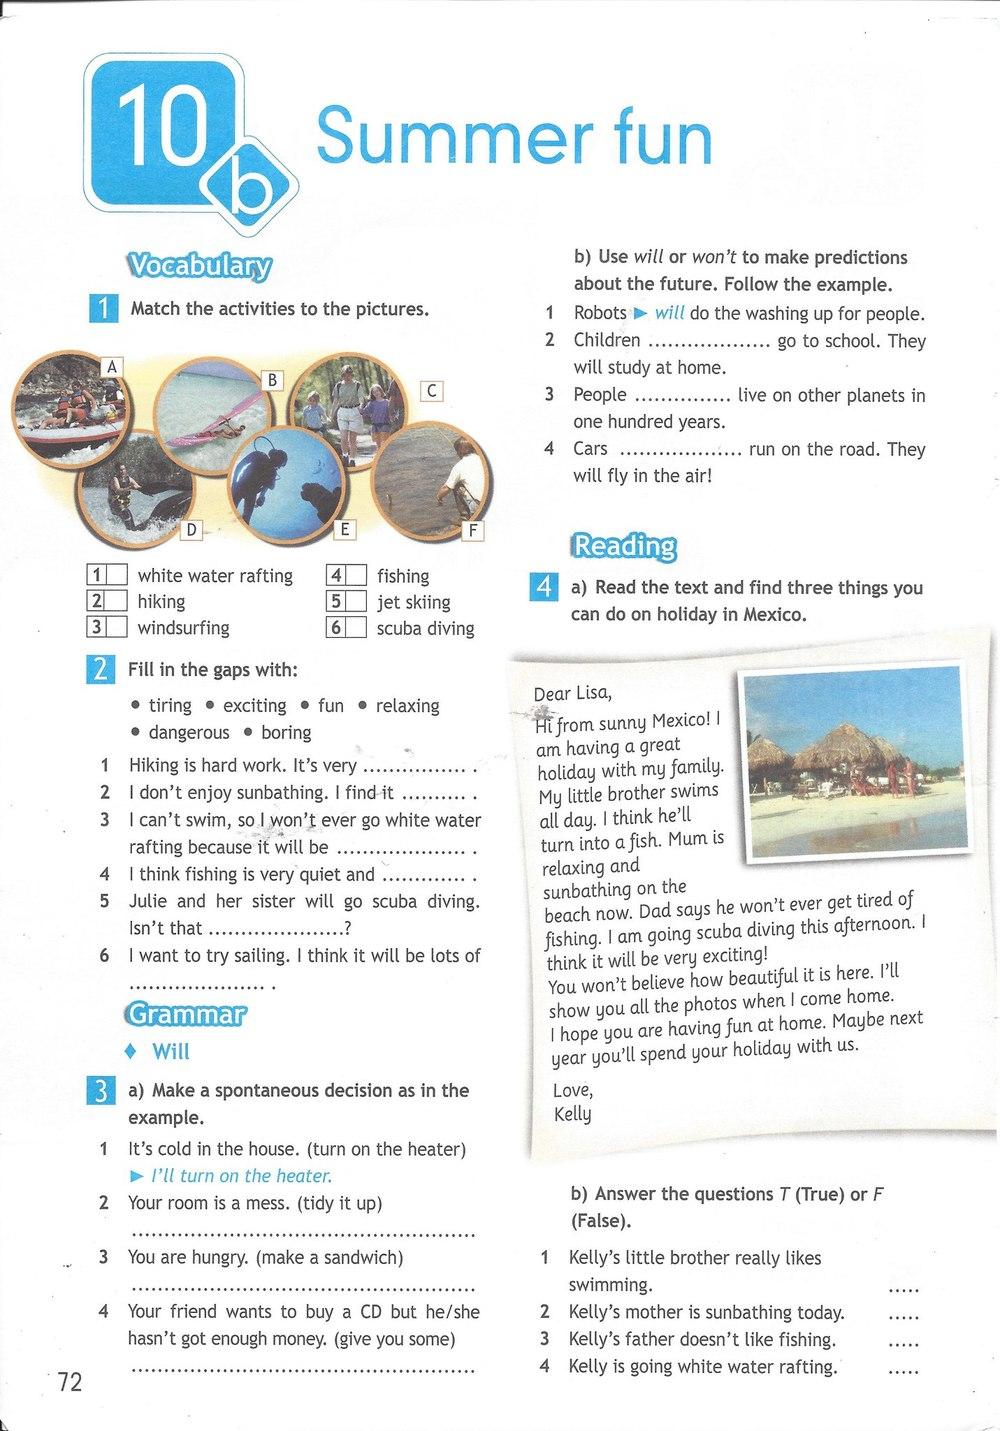 решебник по английскому 5 класс рабочая workbook